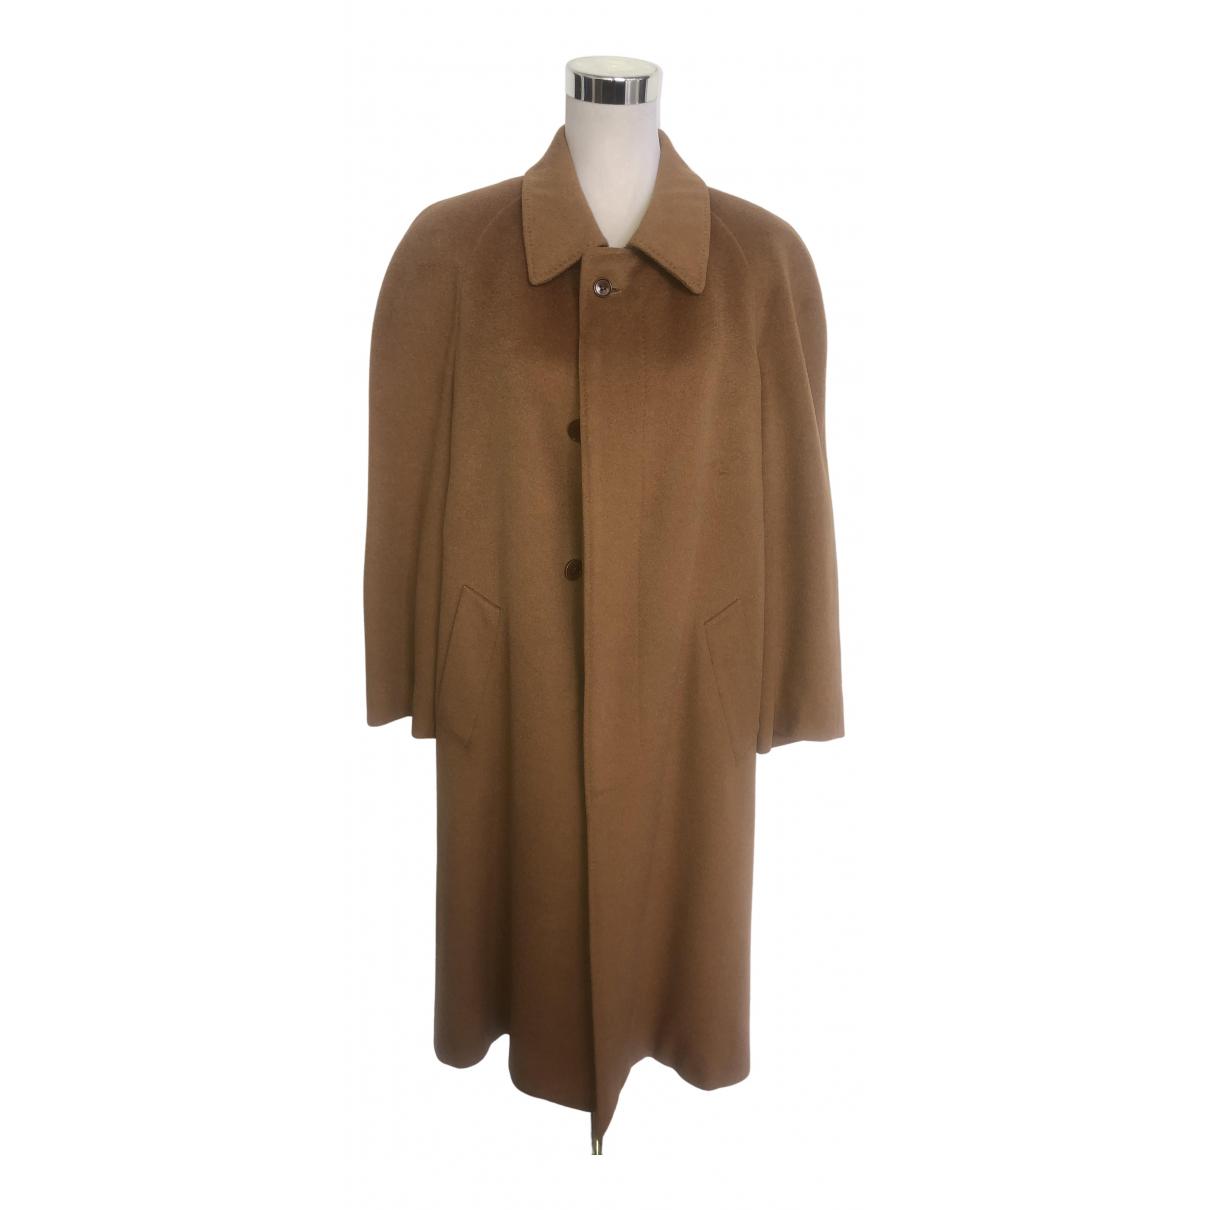 Yves Saint Laurent - Manteau   pour femme en laine - camel